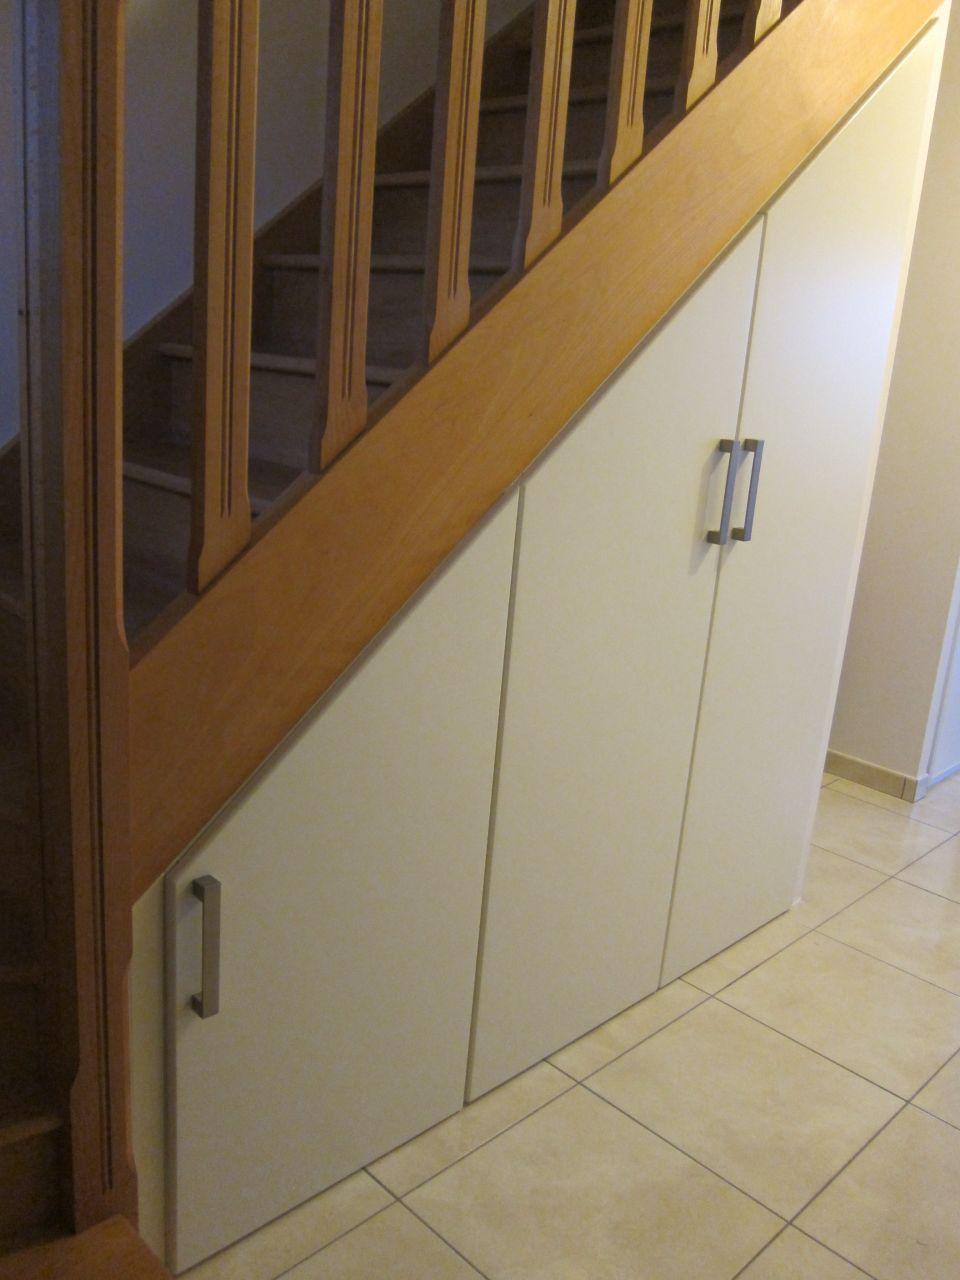 Am nagement de placard sous escalier 47 messages page 3 - Porte de placard sous escalier ...